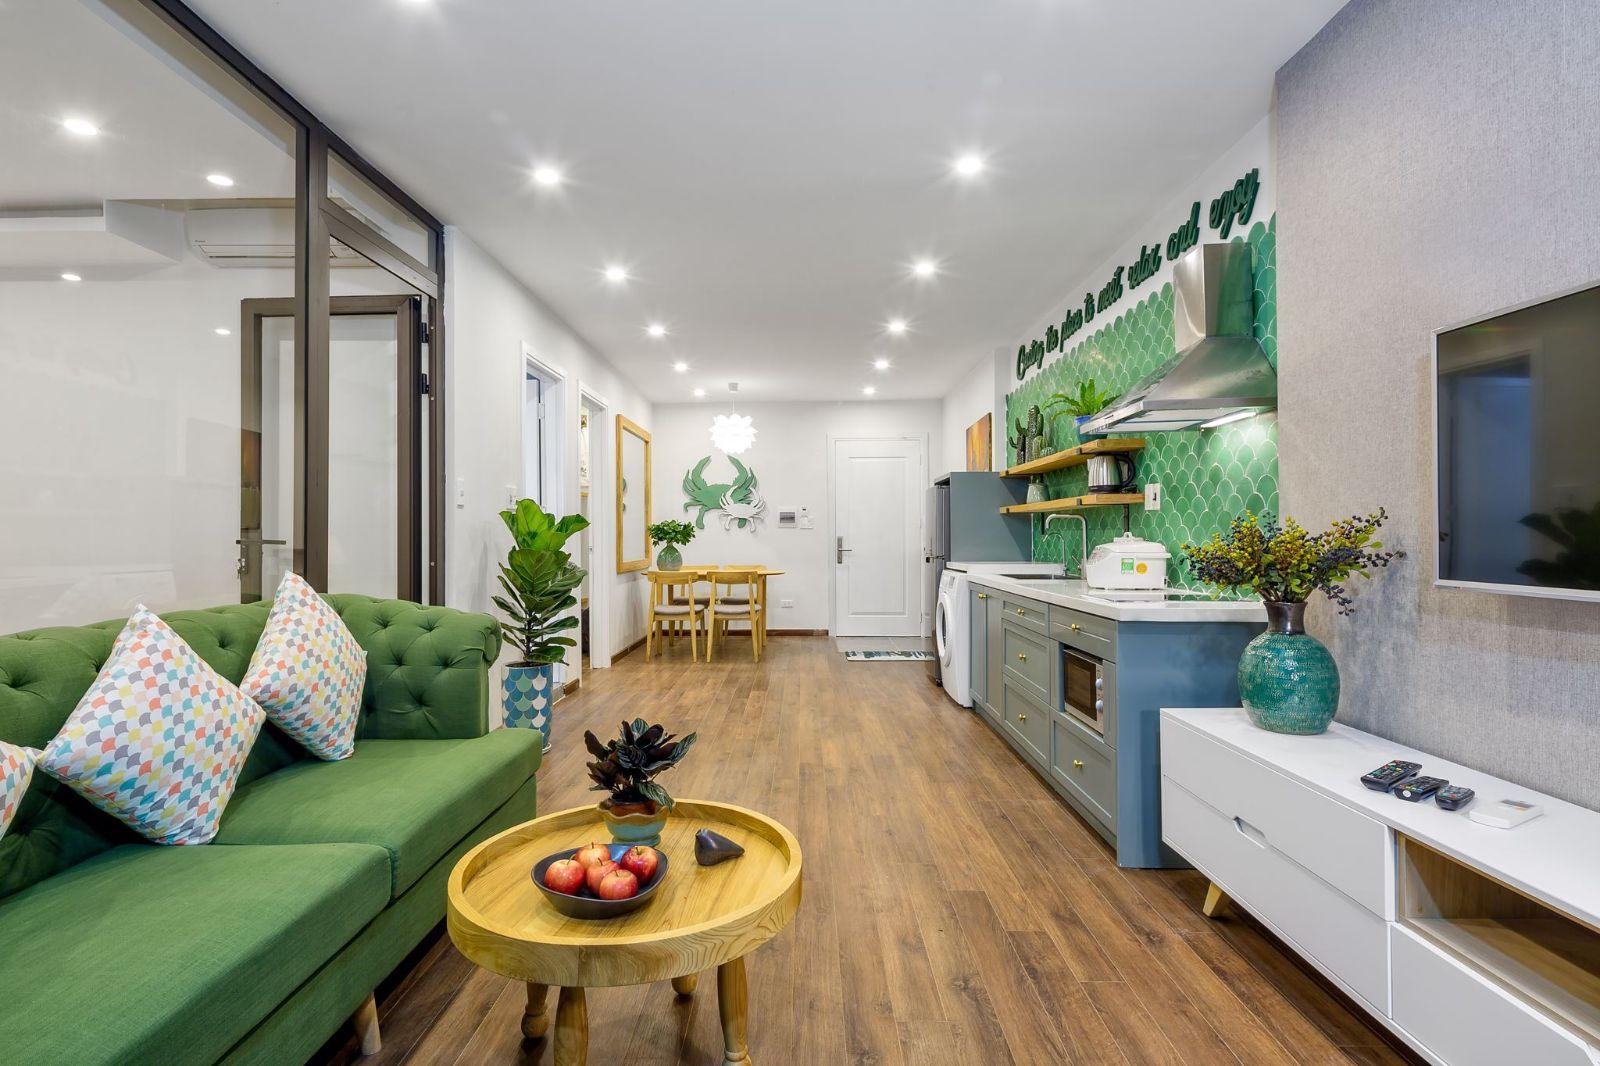 Kết quả hình ảnh cho homestay baltic apartment đà nẵng 270 Võ Nguyên Giáp, Mỹ An,Ngũ Hành Sơn, Đà Nẵng